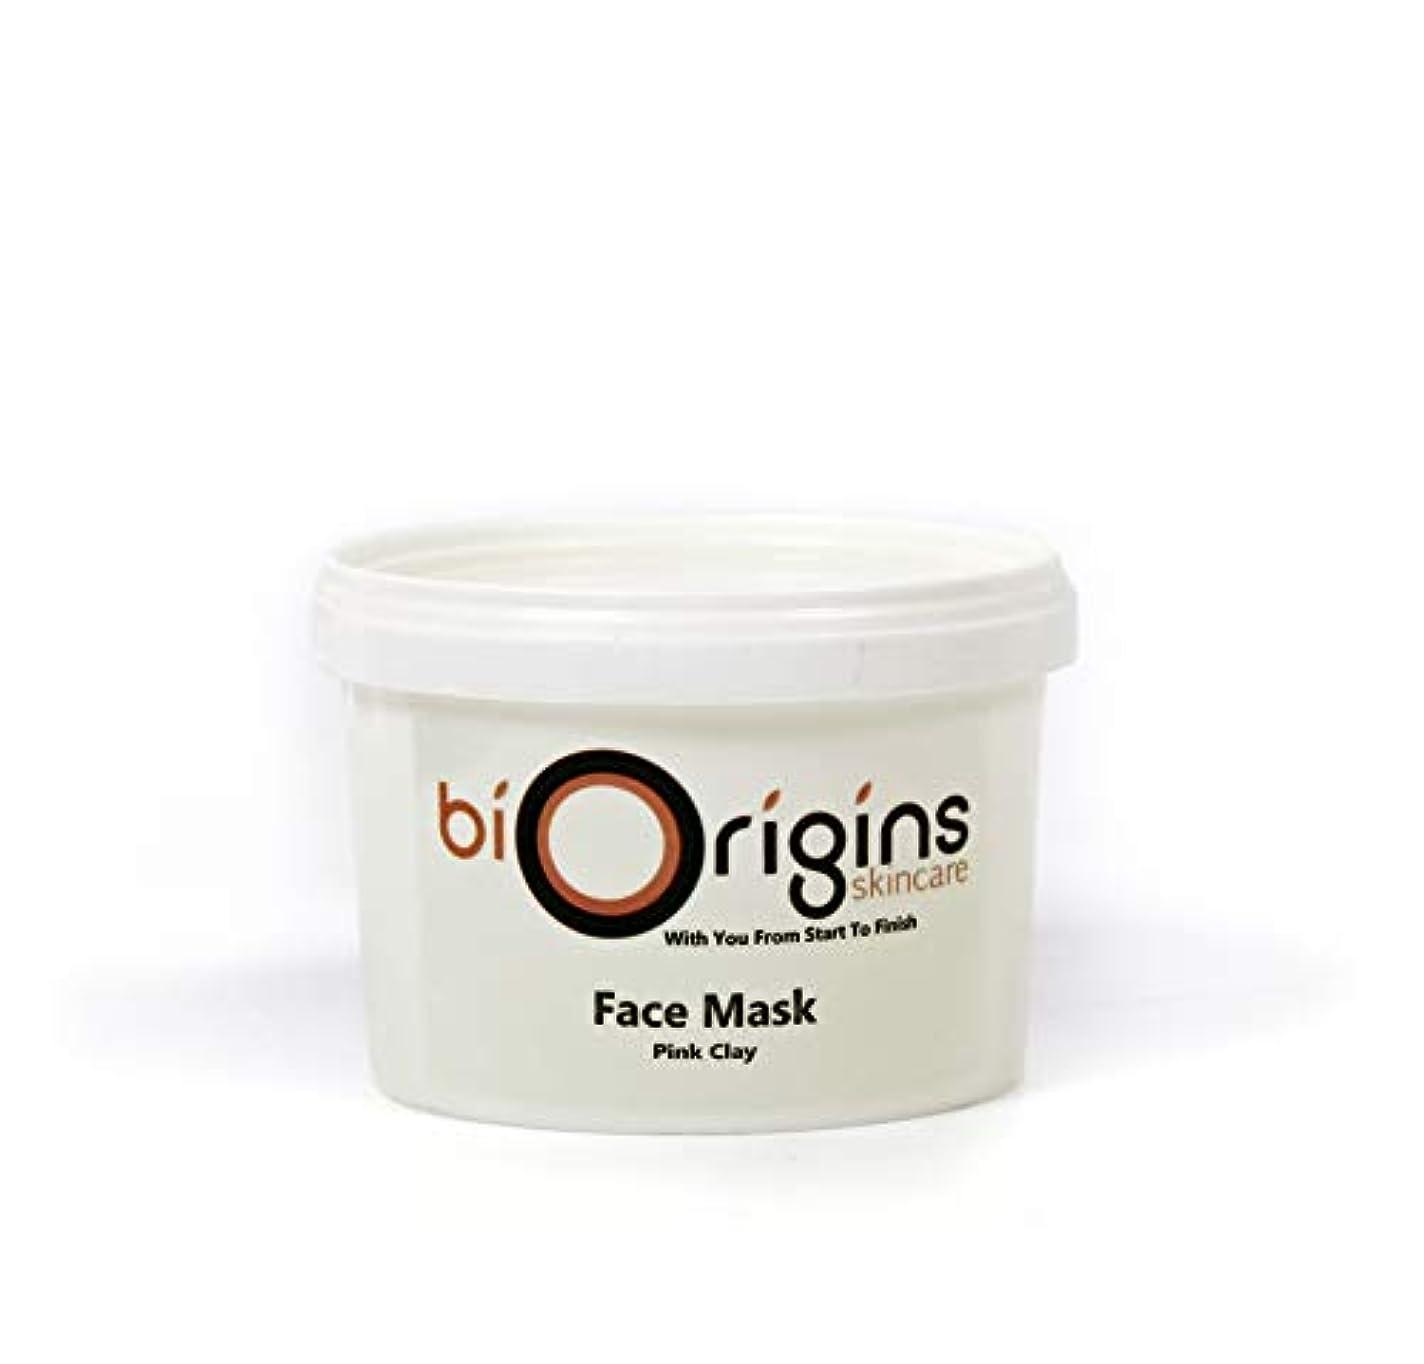 宙返りくそー大洪水Face Mask - Pink Clay - Botanical Skincare Base - 500g